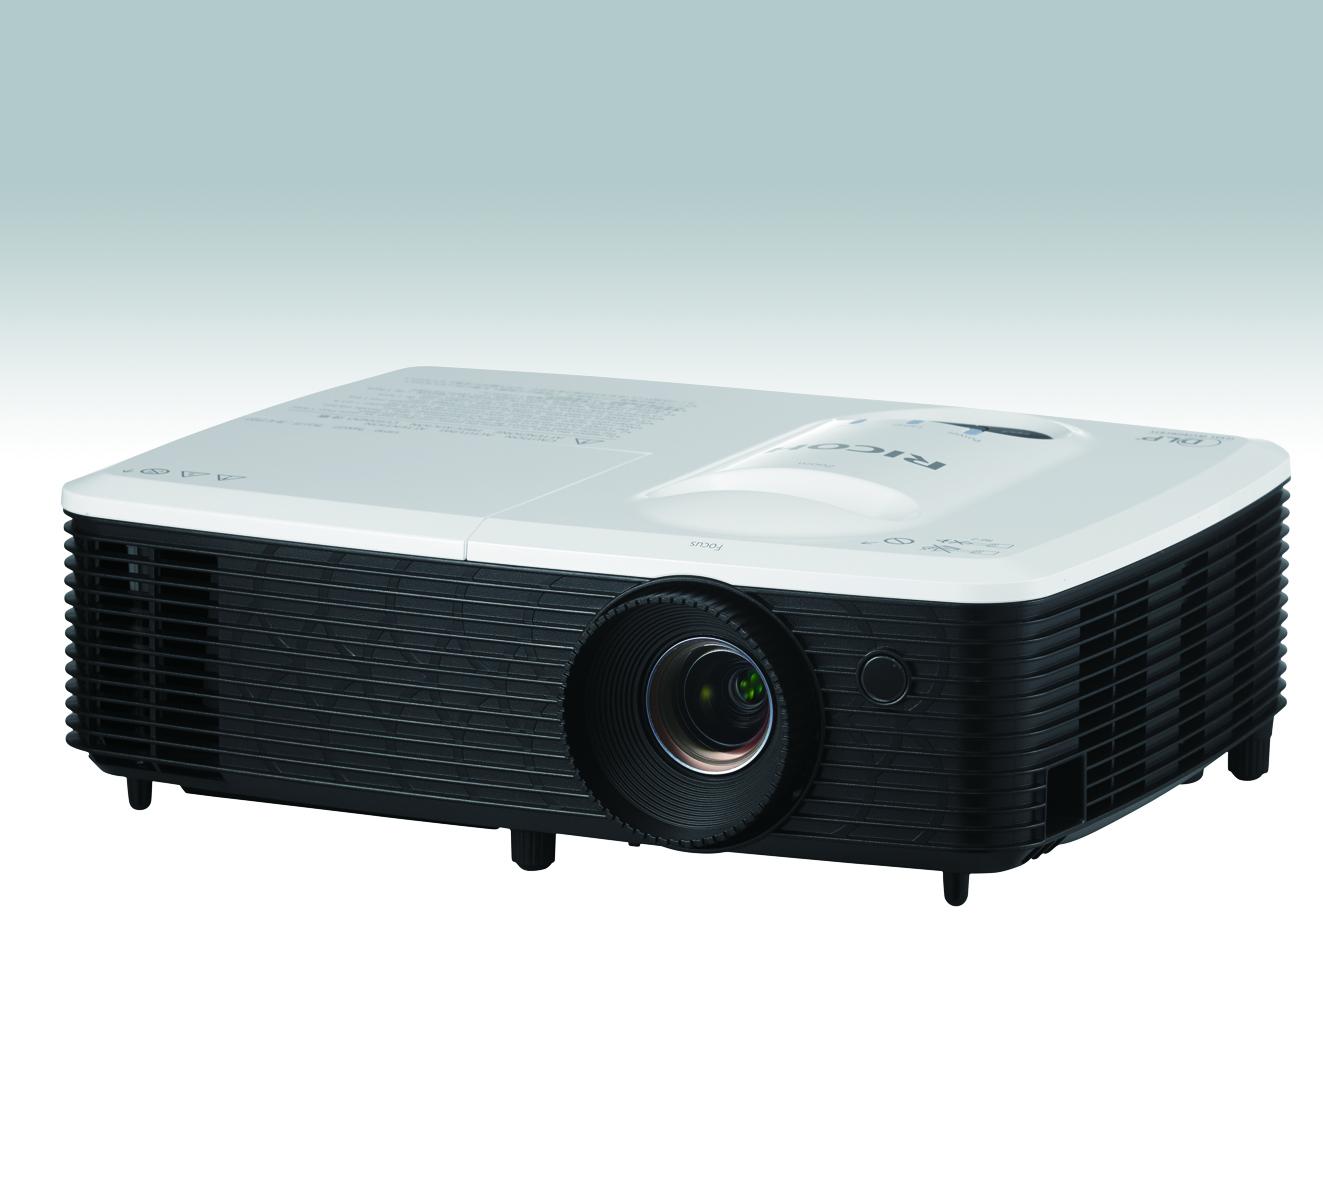 Projektor Ricoh PJ S2440